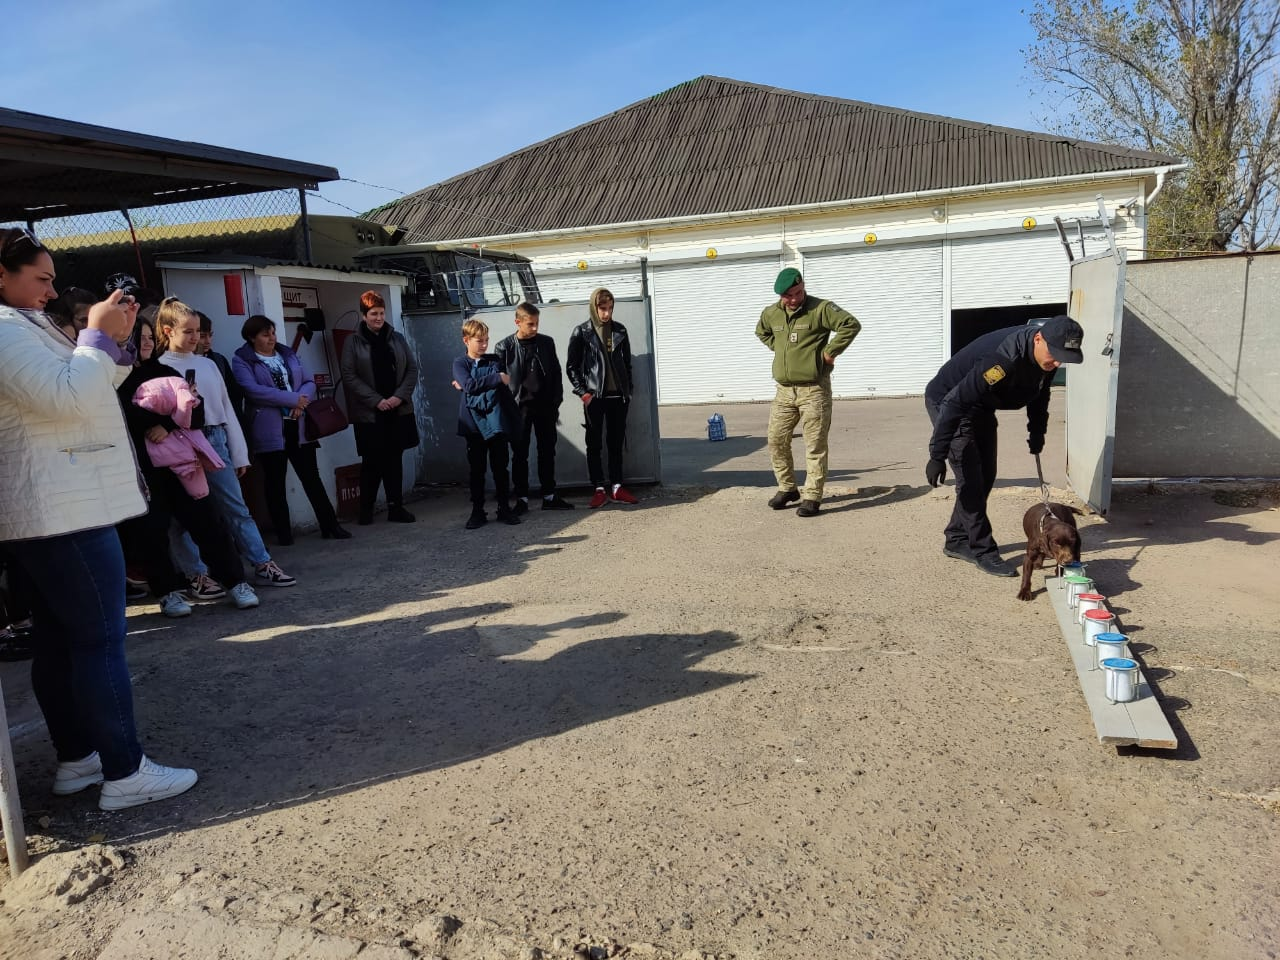 Пограничники Измаильского отряда провели профориентационные мероприятия в отделе погранслужбы «Болград»